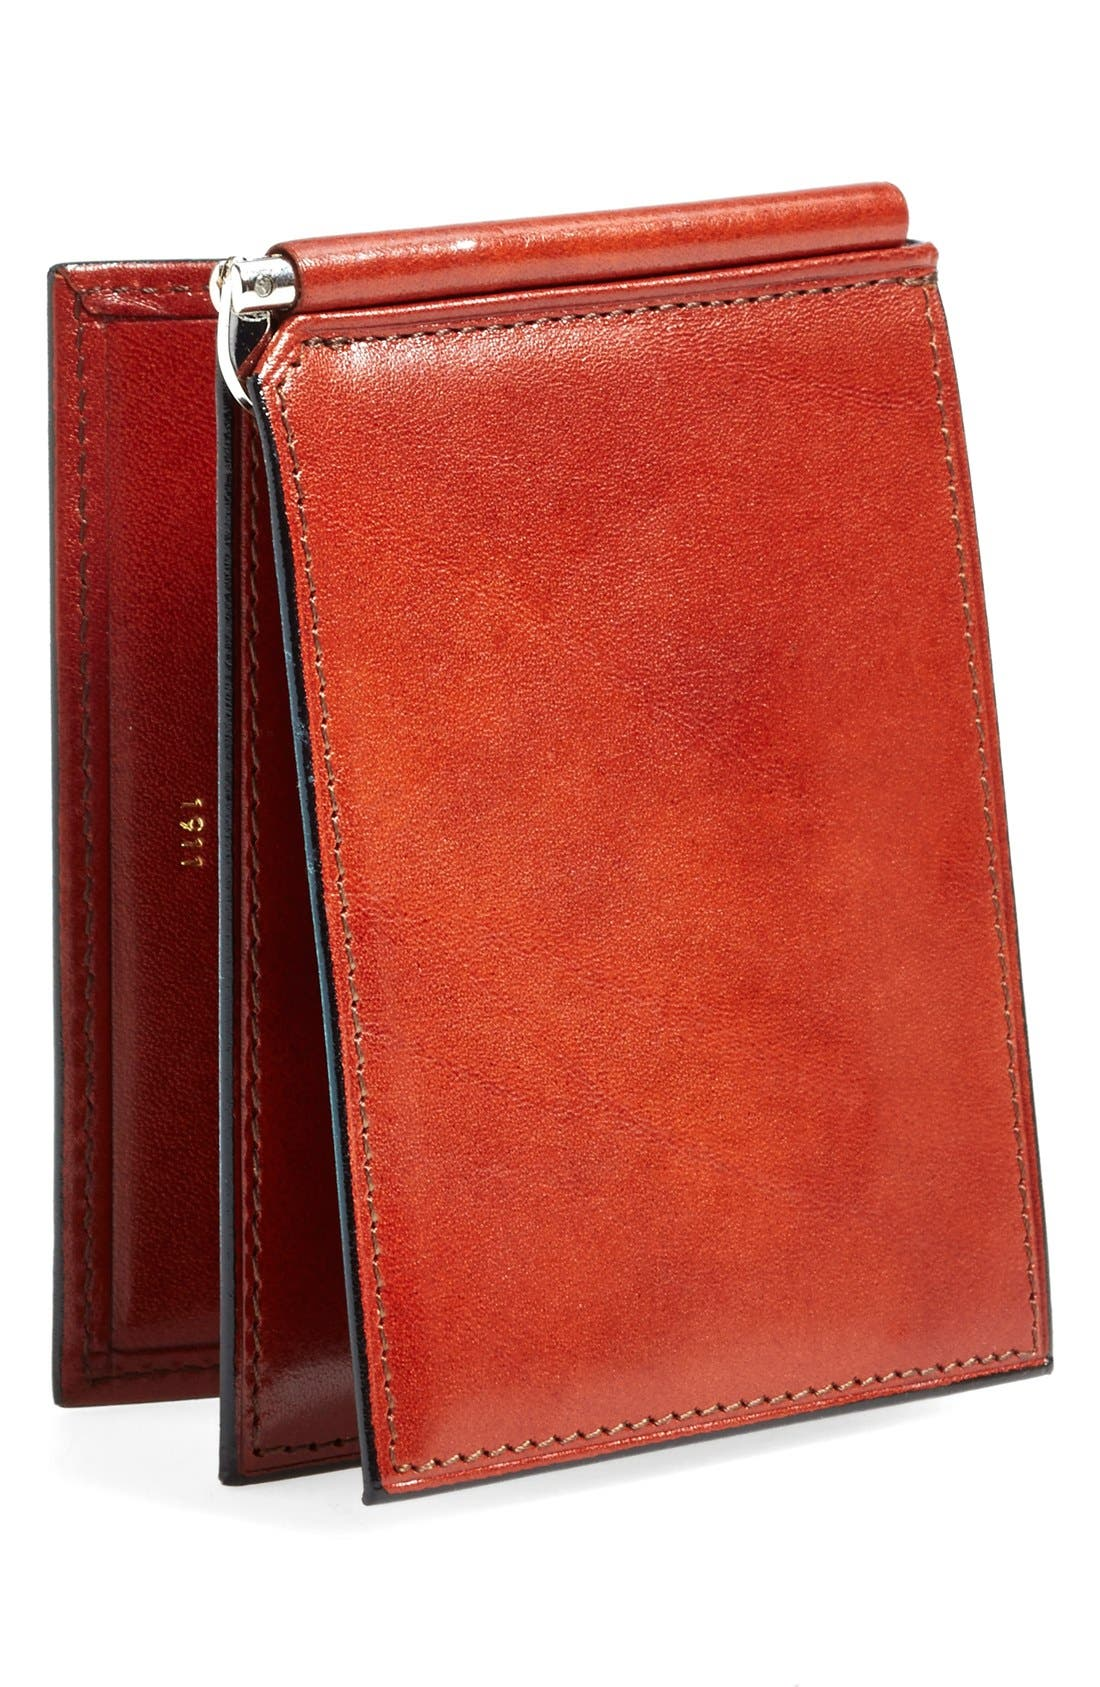 'Old Leather' Money Clip Wallet,                             Alternate thumbnail 3, color,                             COGNAC